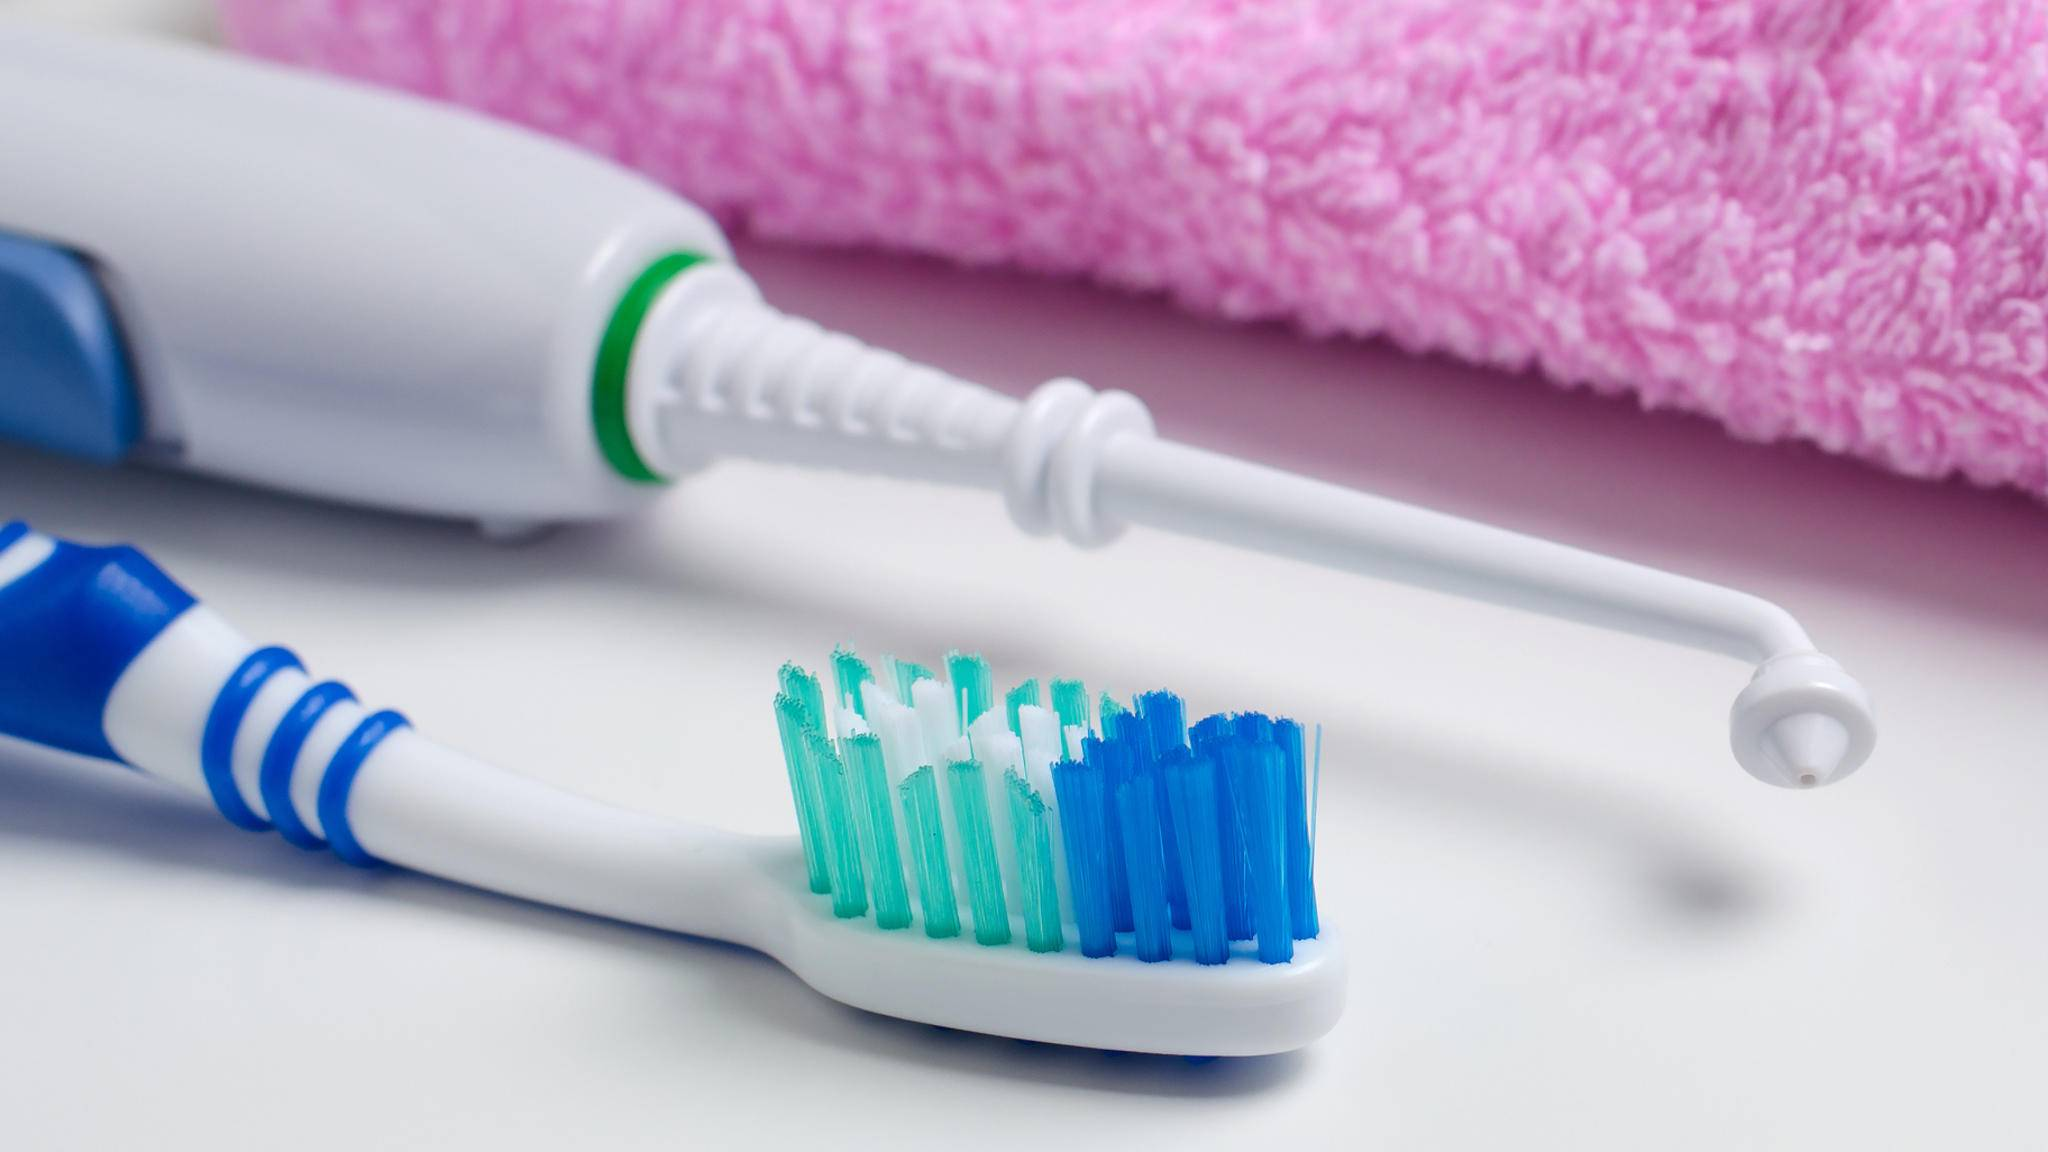 Elektrische Zahnbürste und Munddusche gibt es jetzt in einem Gerät.